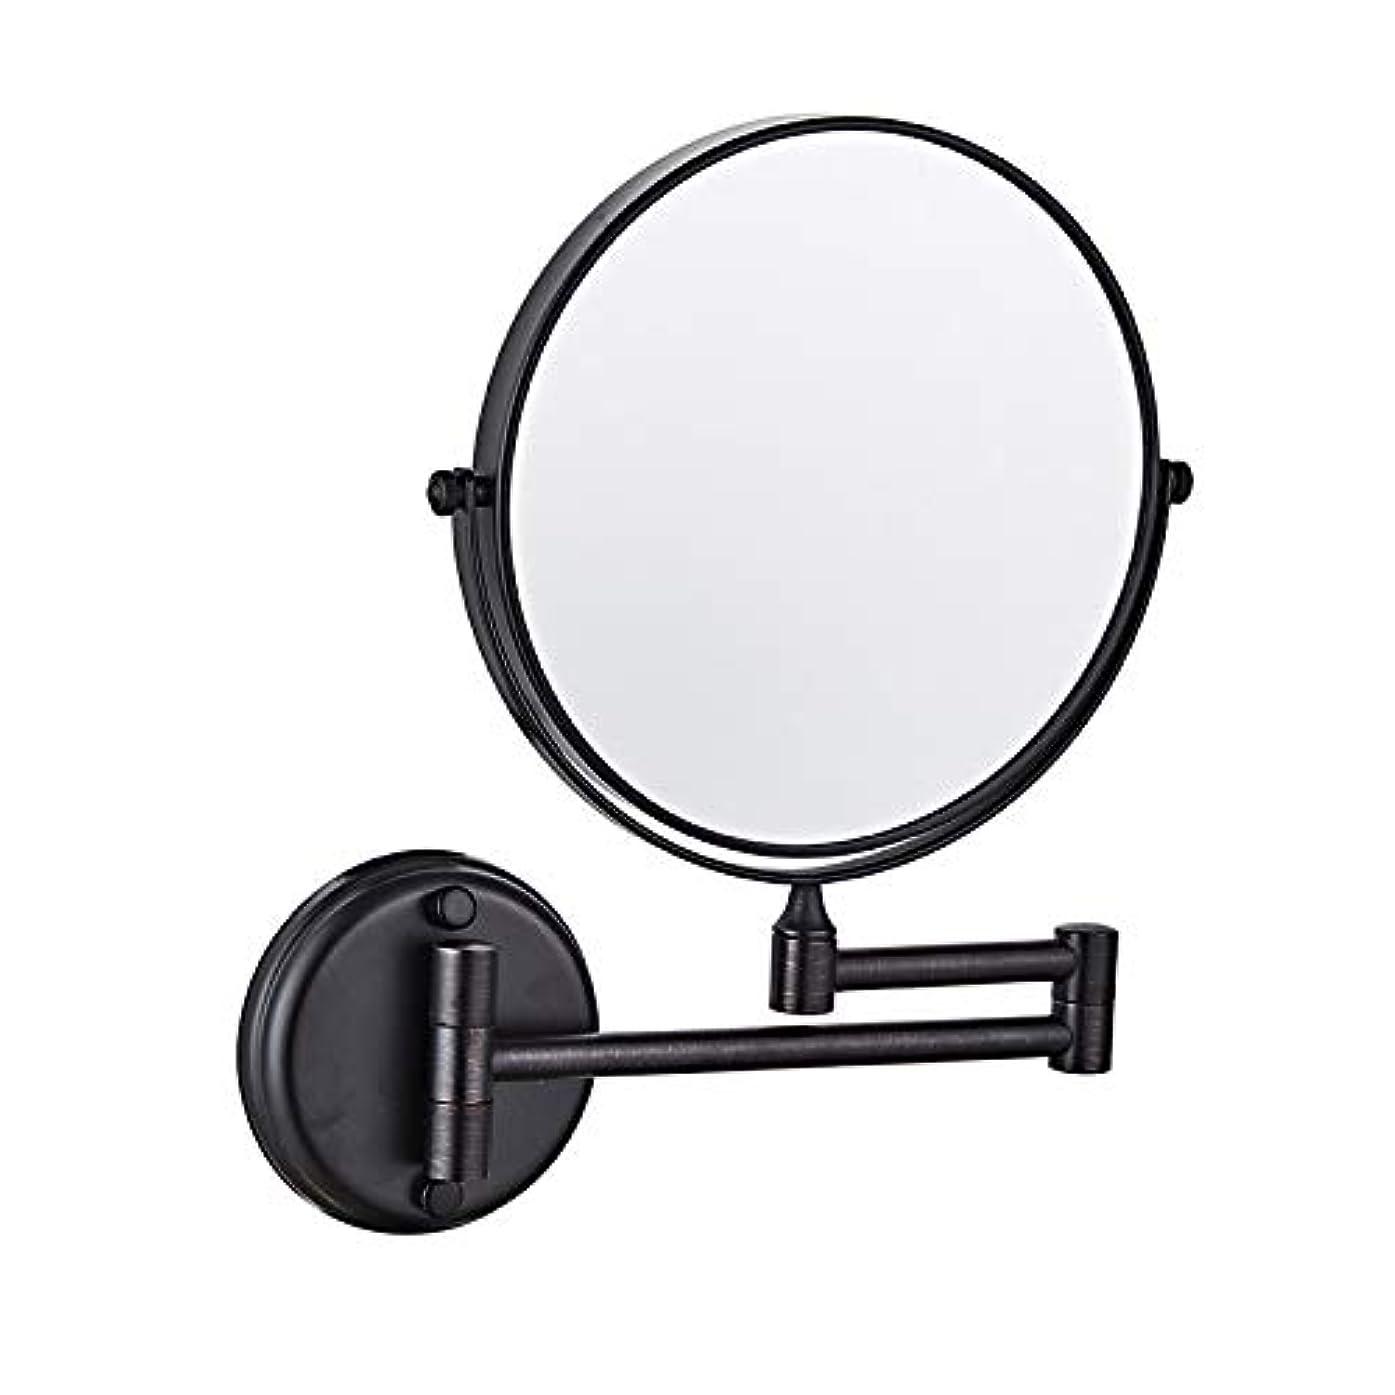 バスルームミラー壁掛, シェービングミラー, 無料調整 格納式、回転式、クロム、装飾ミラークリエイティブウォールマウントバスルームのメイクミラー 浴室用リビングルーム - ブラック 8inch 5X 拡大鏡